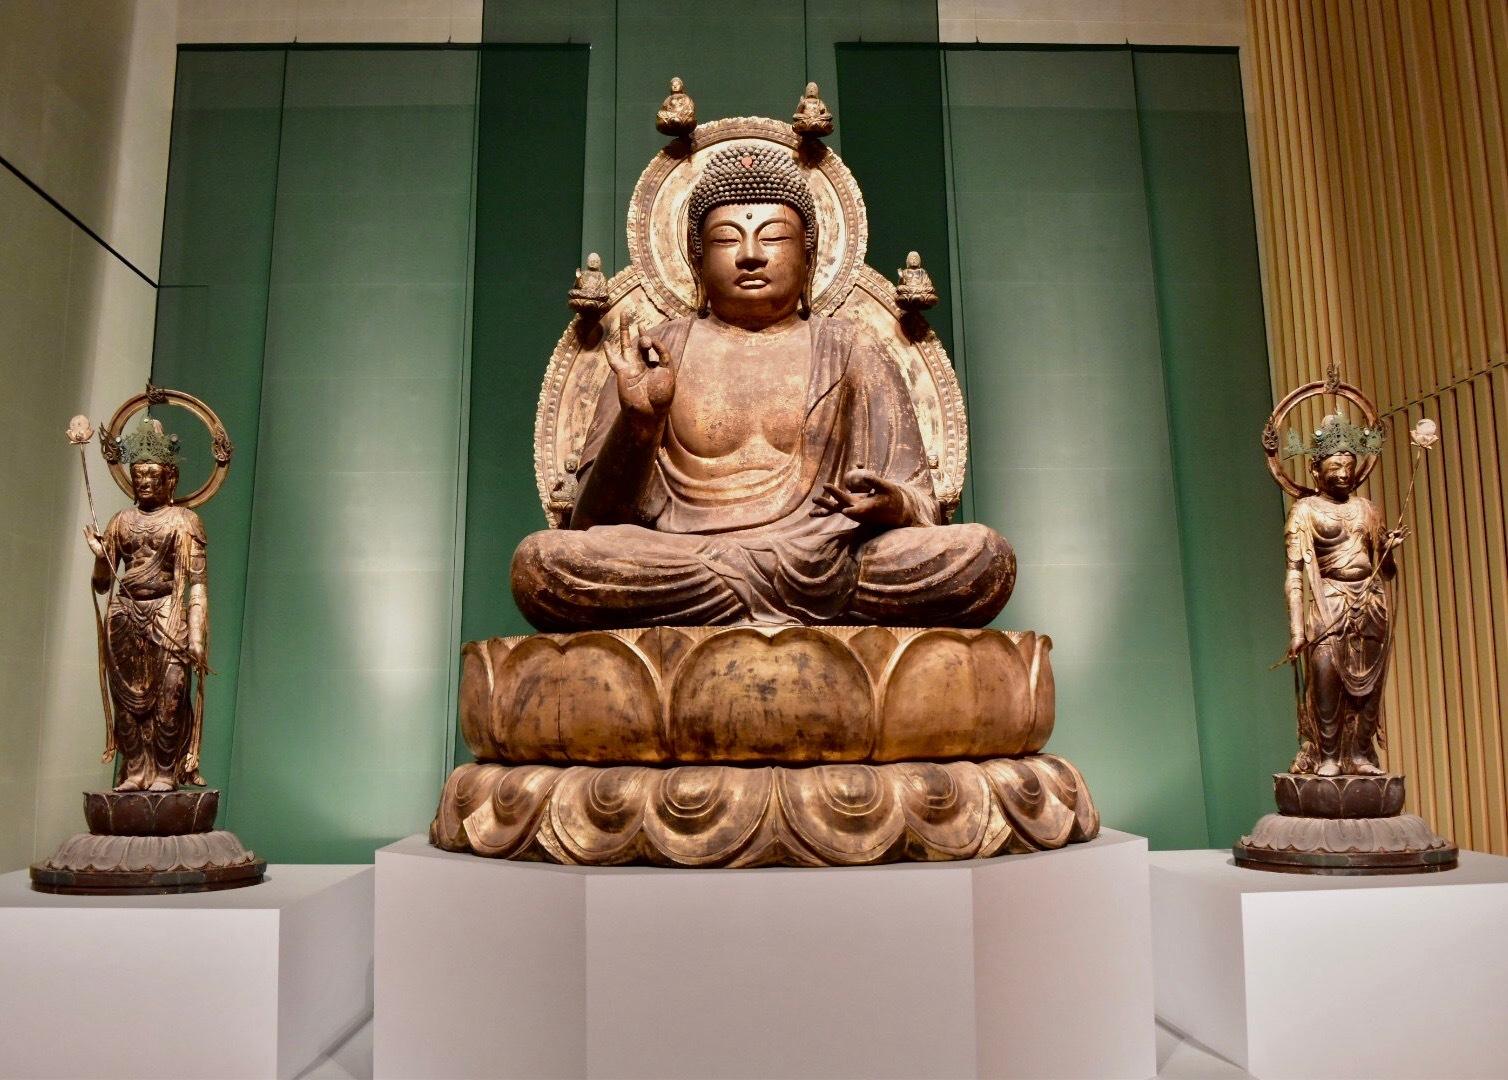 国宝《薬師如来および両脇侍像》 平安時代 10世紀 醍醐寺蔵